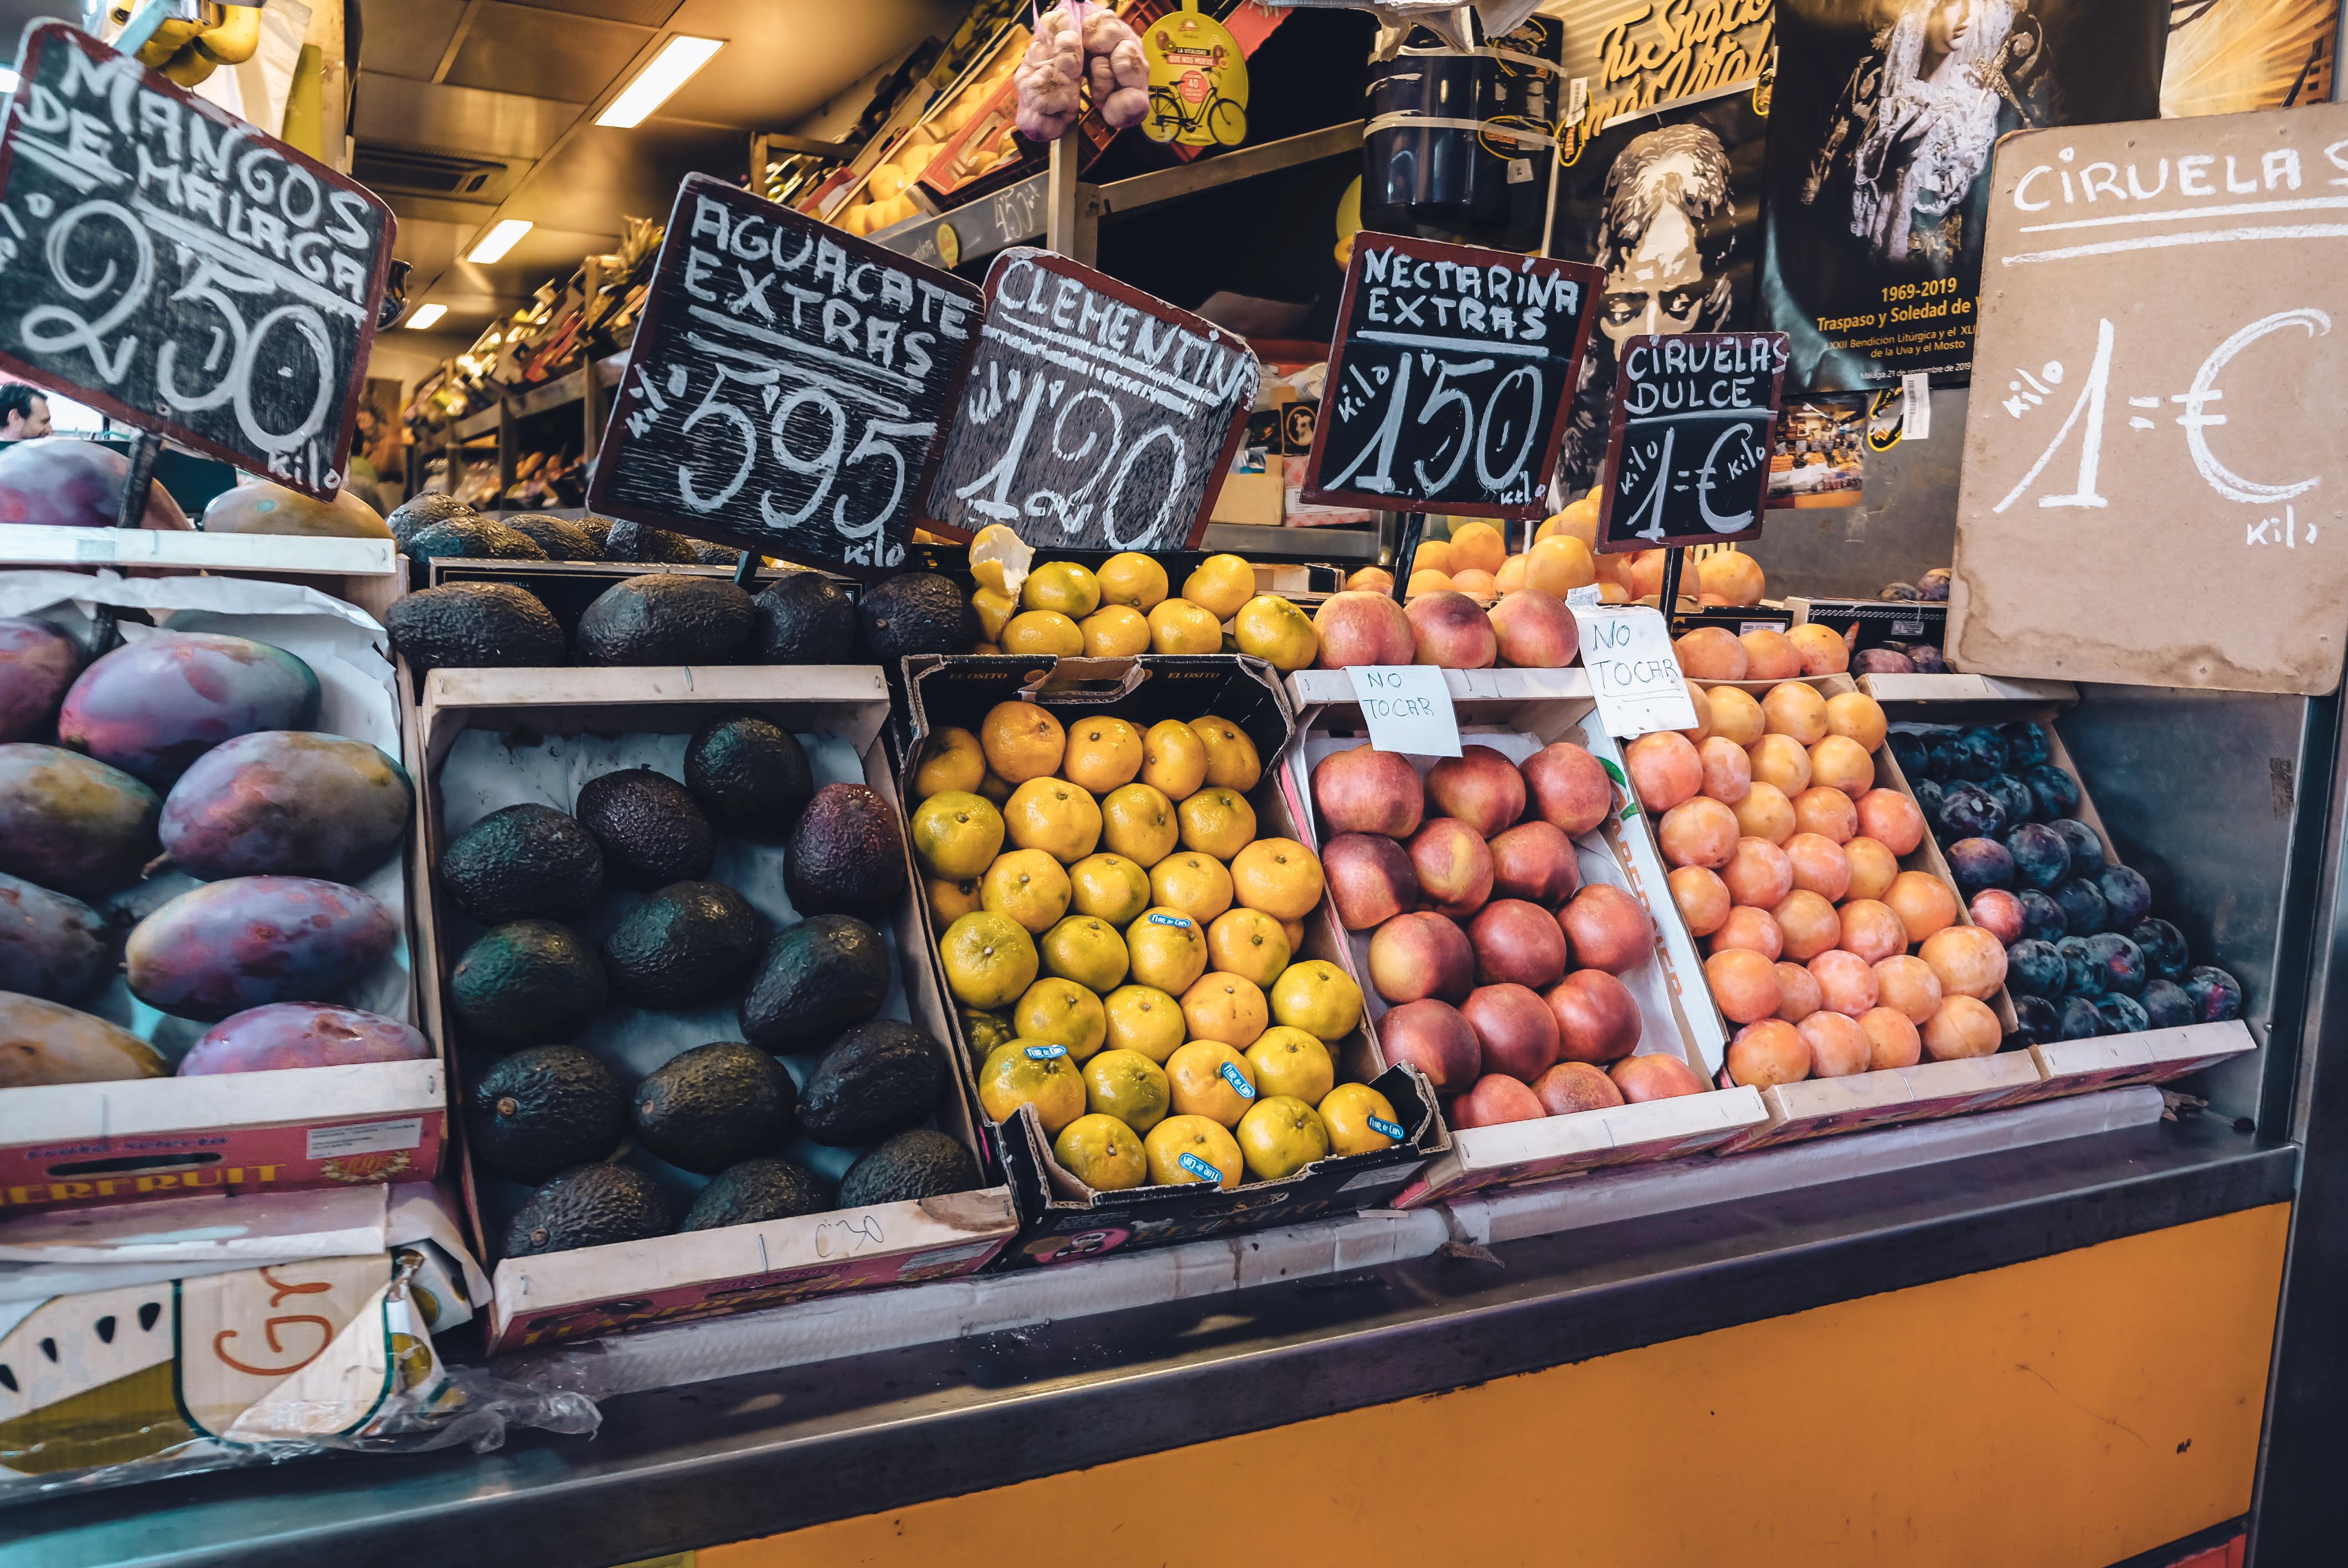 Fruit selection at the Atarazanas farmer's market in Malaga.